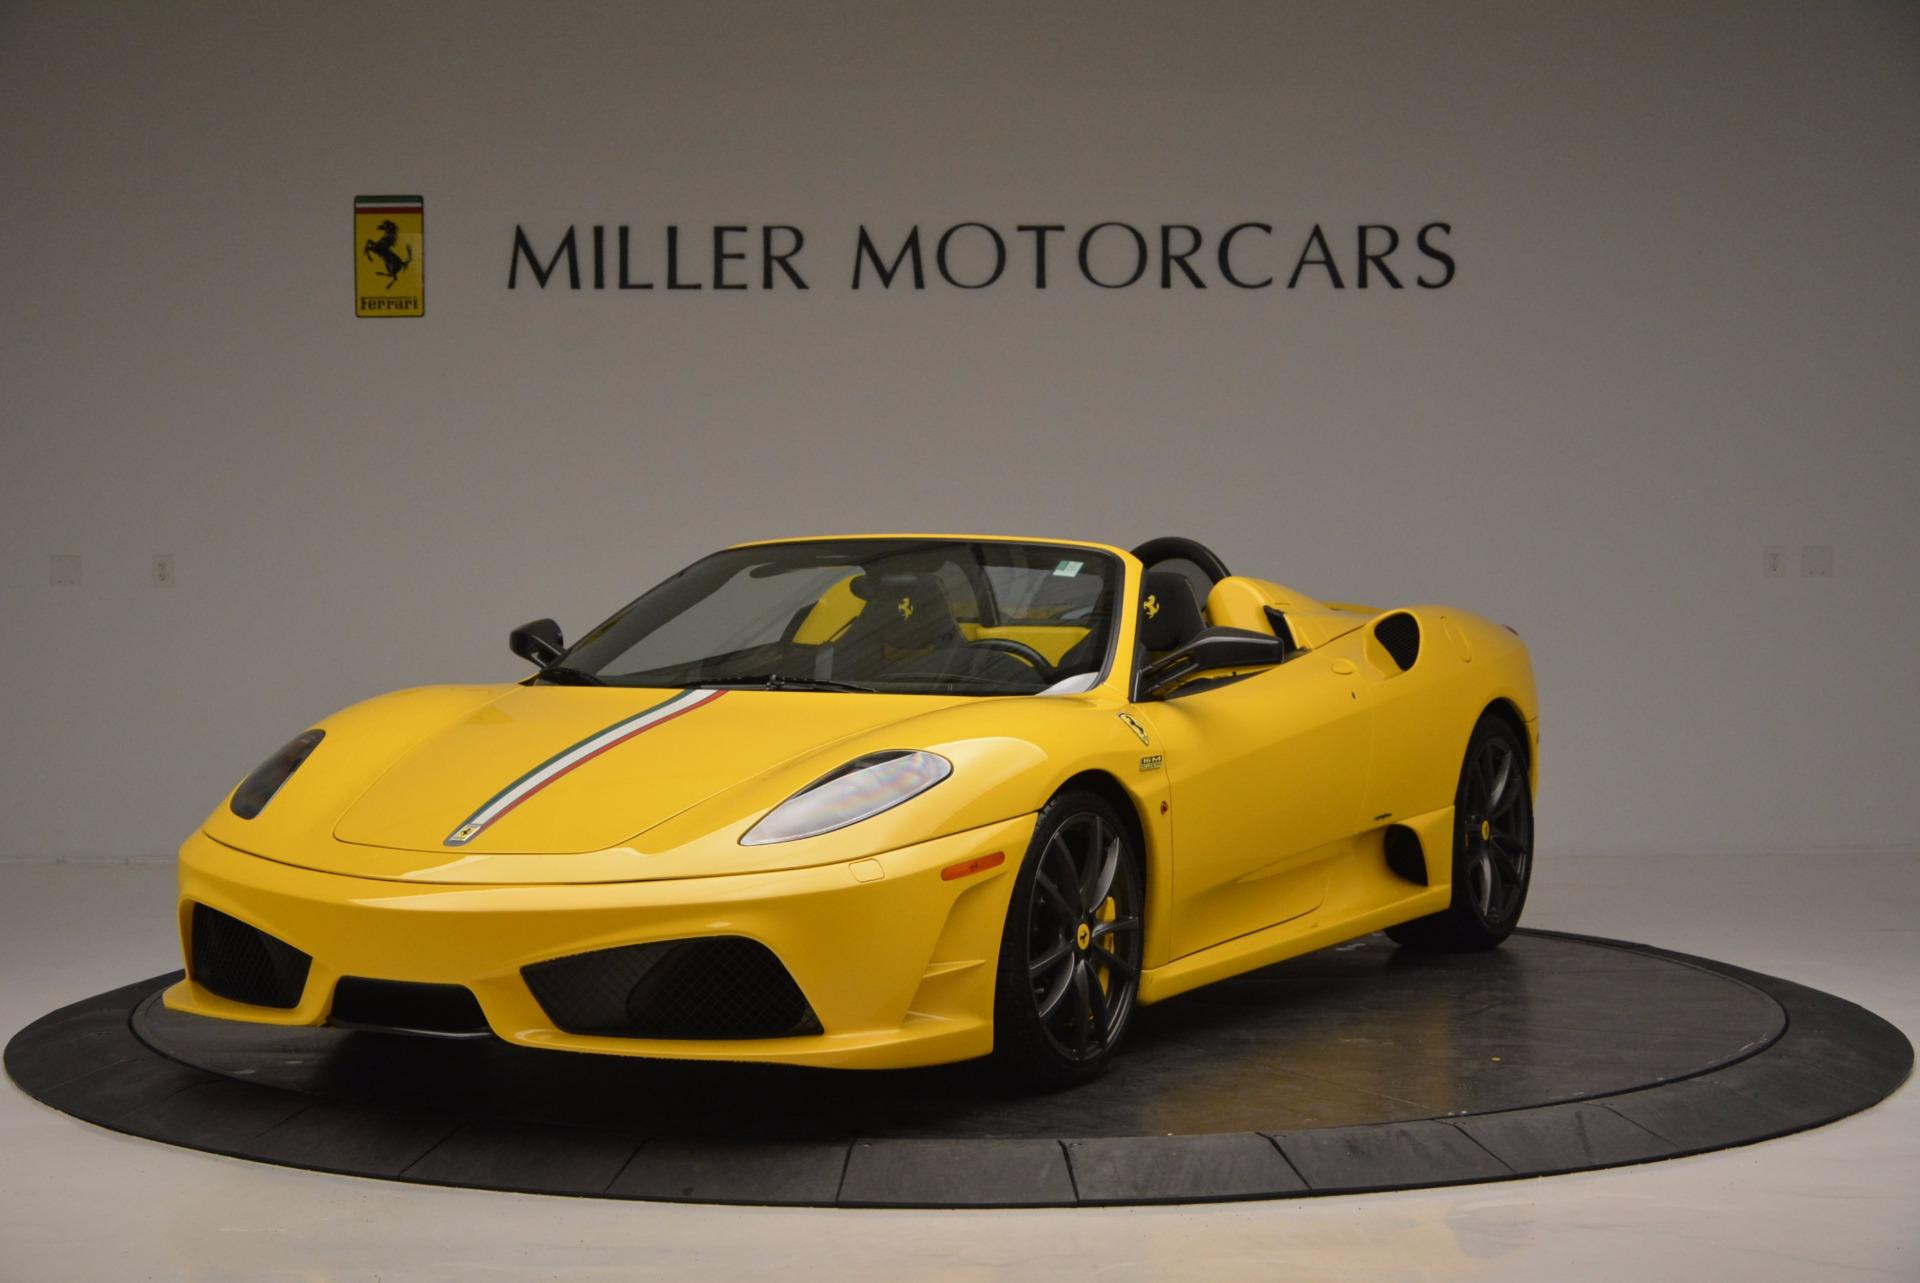 Used 2009 Ferrari F430 Scuderia 16M for sale Sold at Alfa Romeo of Greenwich in Greenwich CT 06830 1